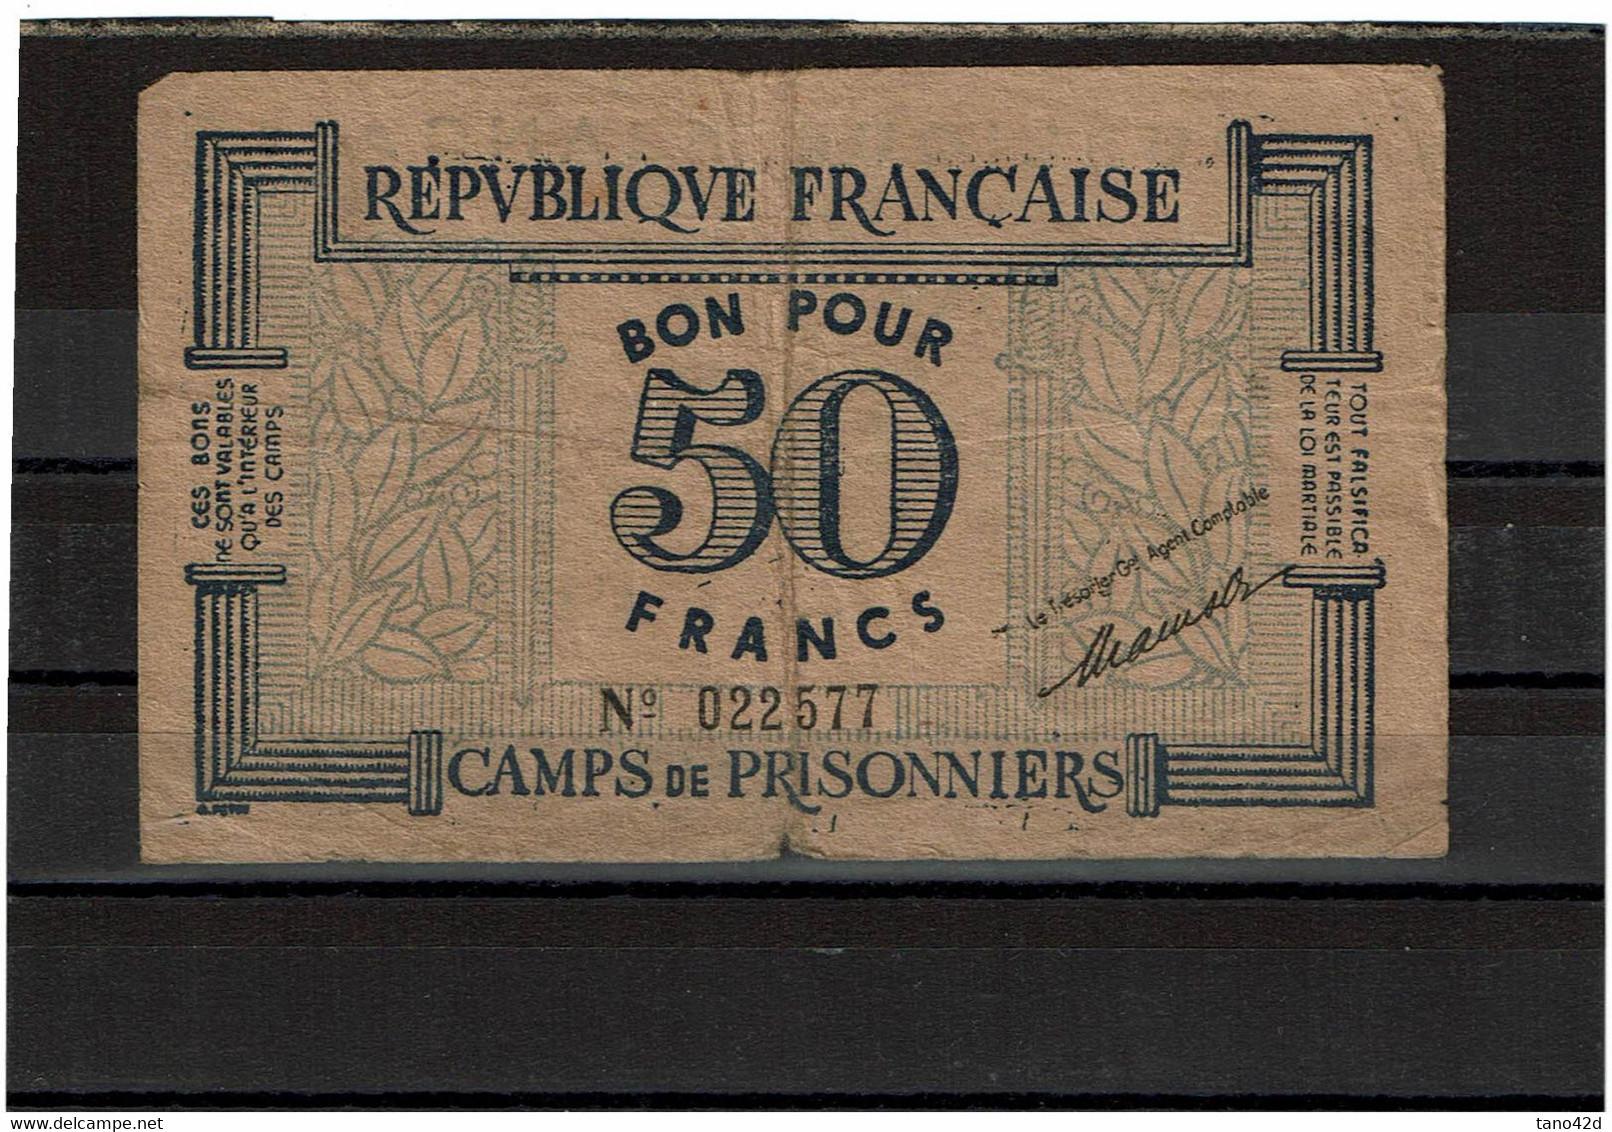 MM14B - BON POUR 50 FRANCS CAMPS DE PRISONNIERS - Bonds & Basic Needs